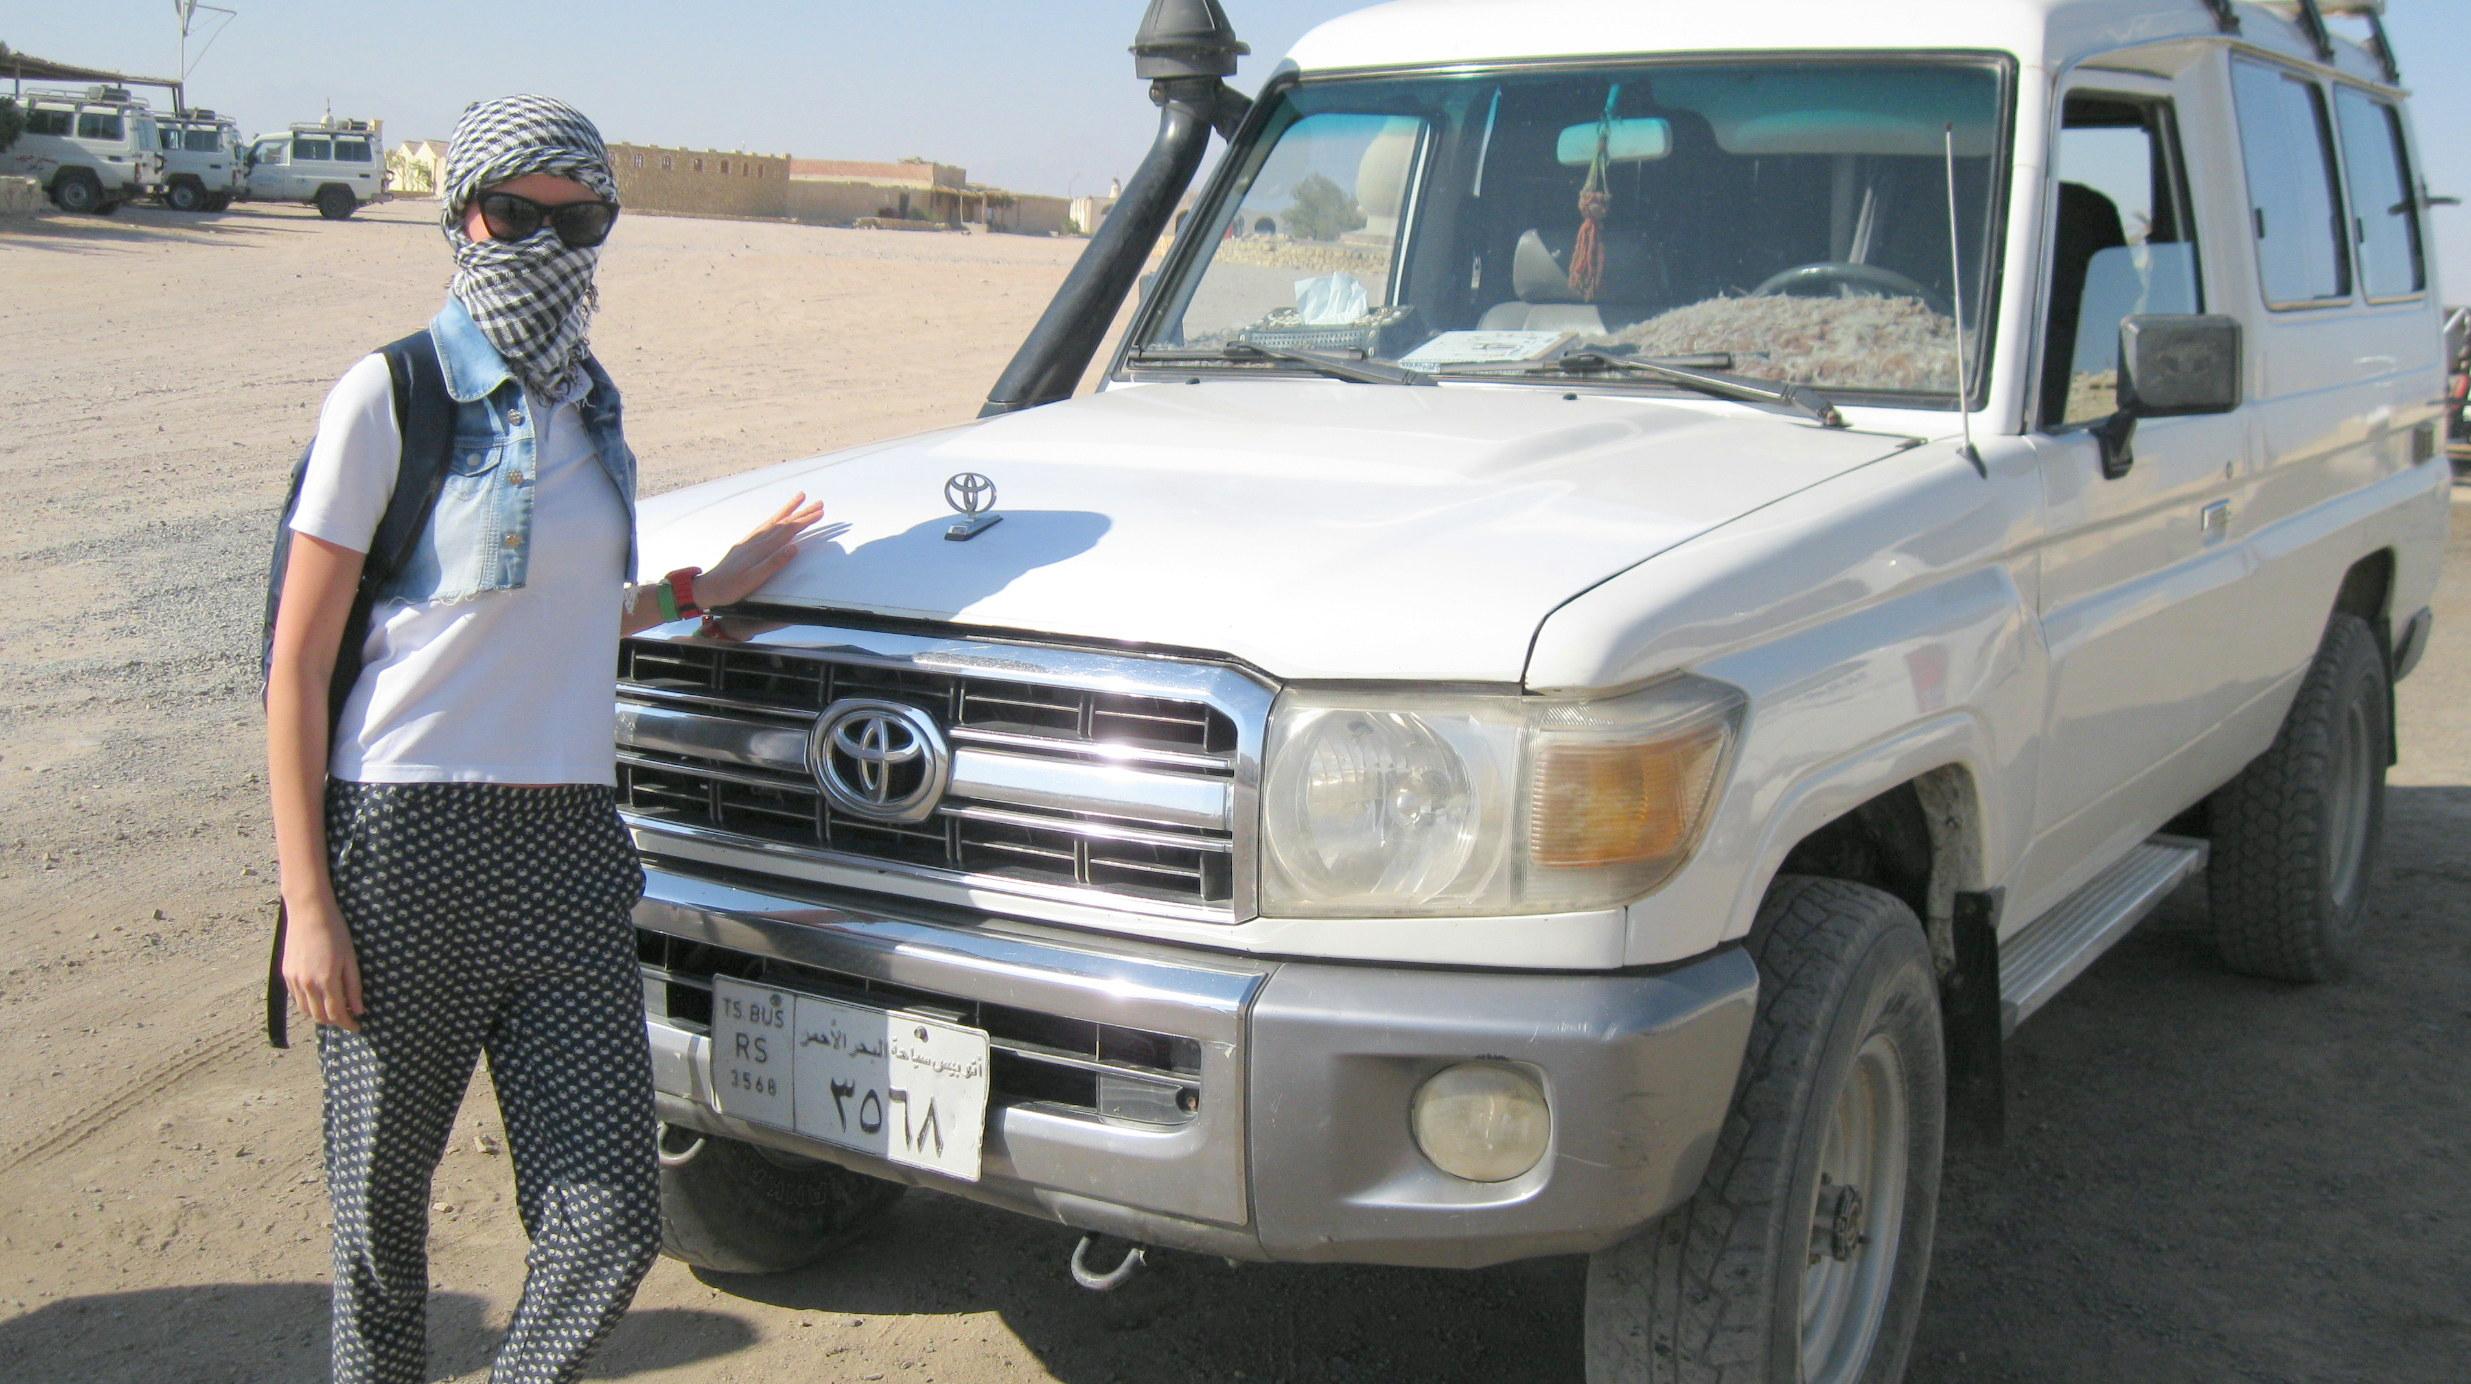 Wycieczka Super Jeep-Safari w Hurghadzie